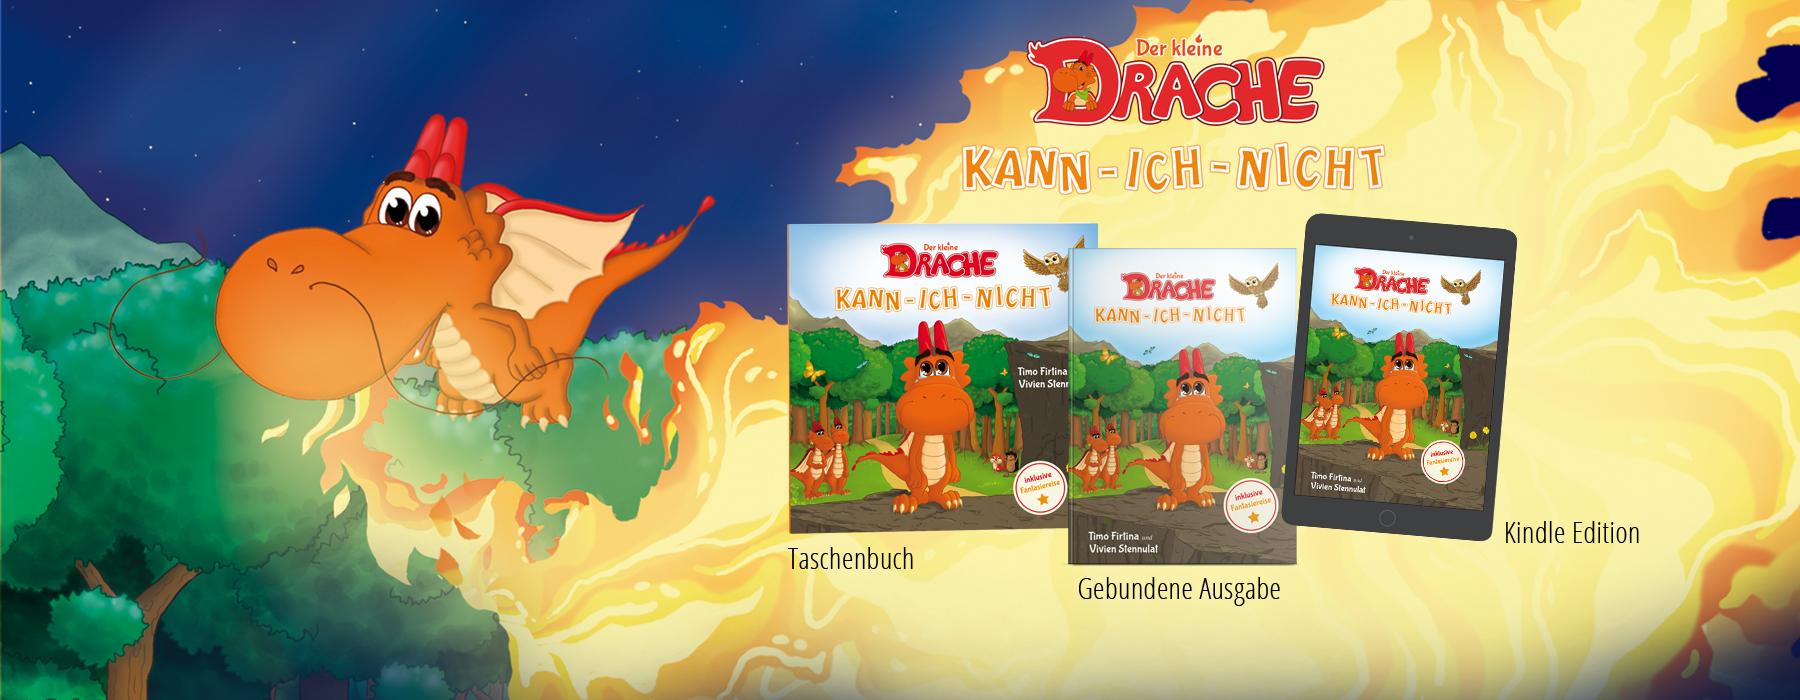 Der kleine Drache Kann-Ich-Nicht: Erhältlich als Taschenbuch, gebundene Ausgabe und Kindle Edition